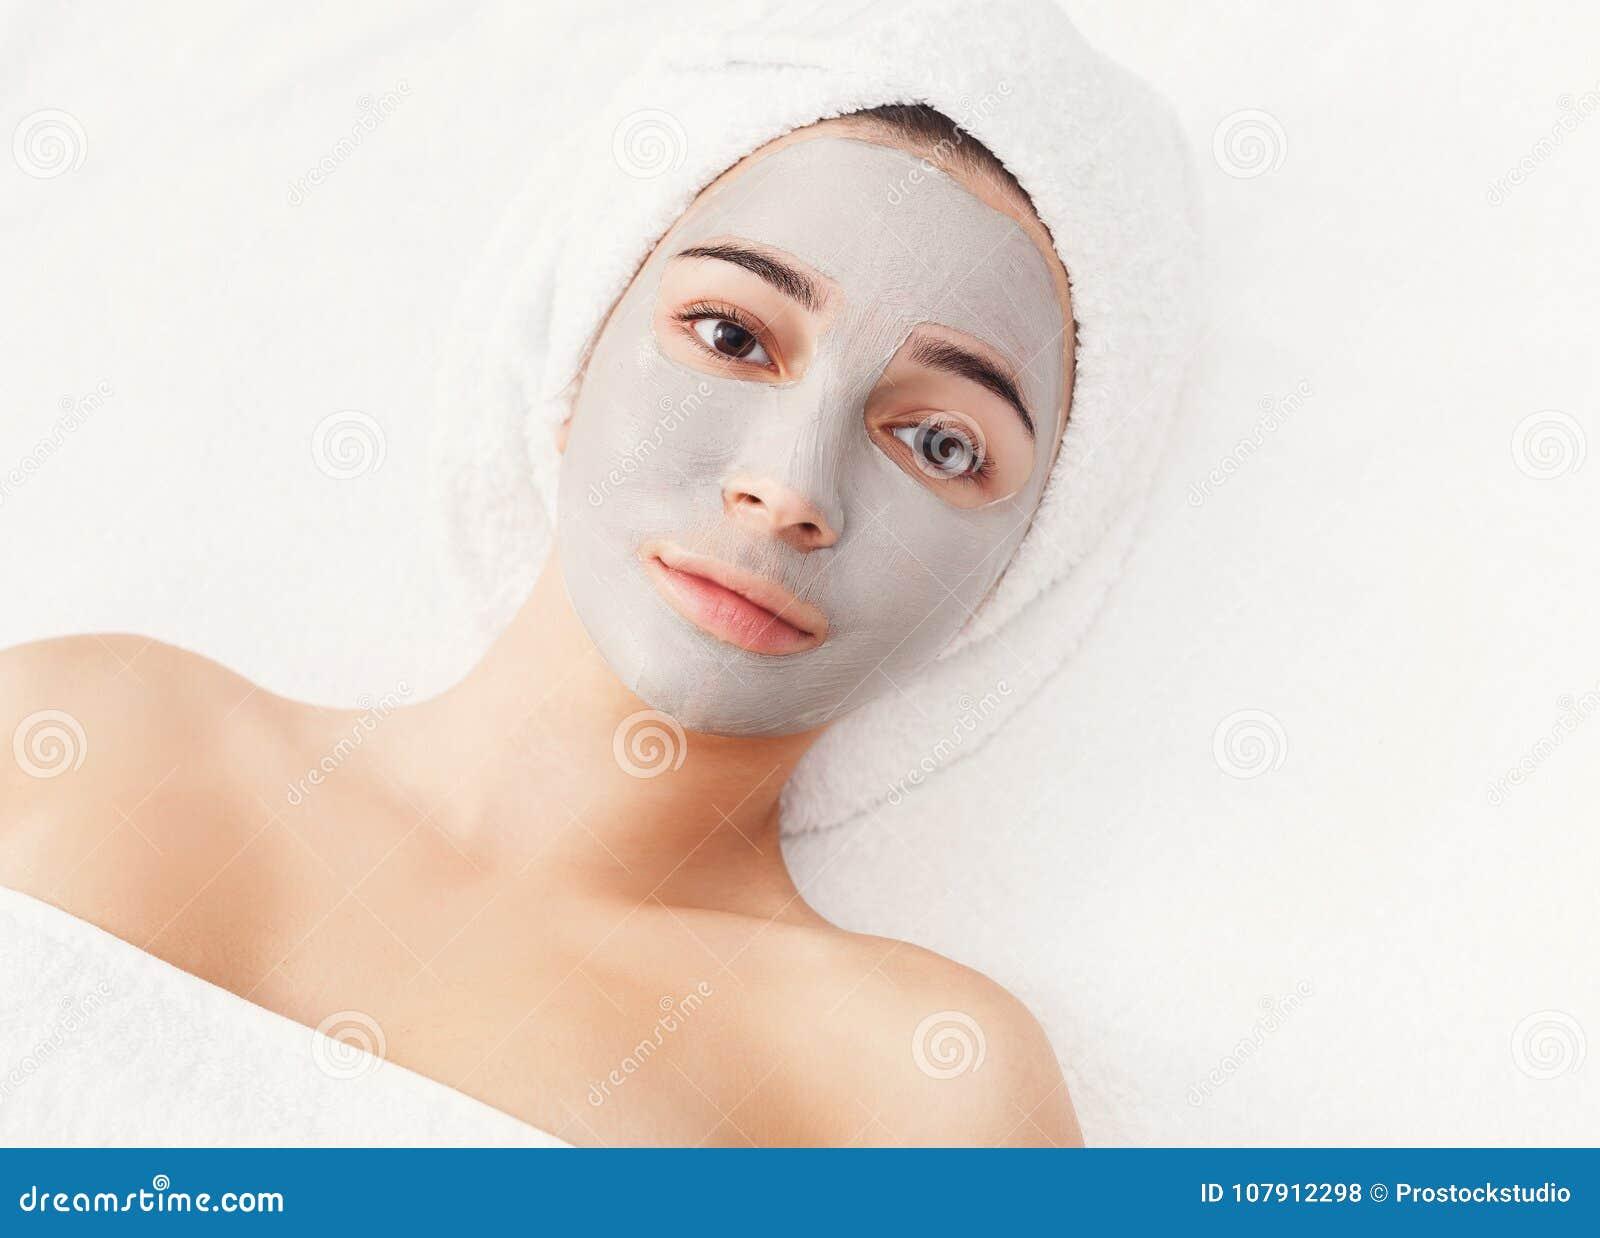 面罩,温泉秀丽治疗, skincare